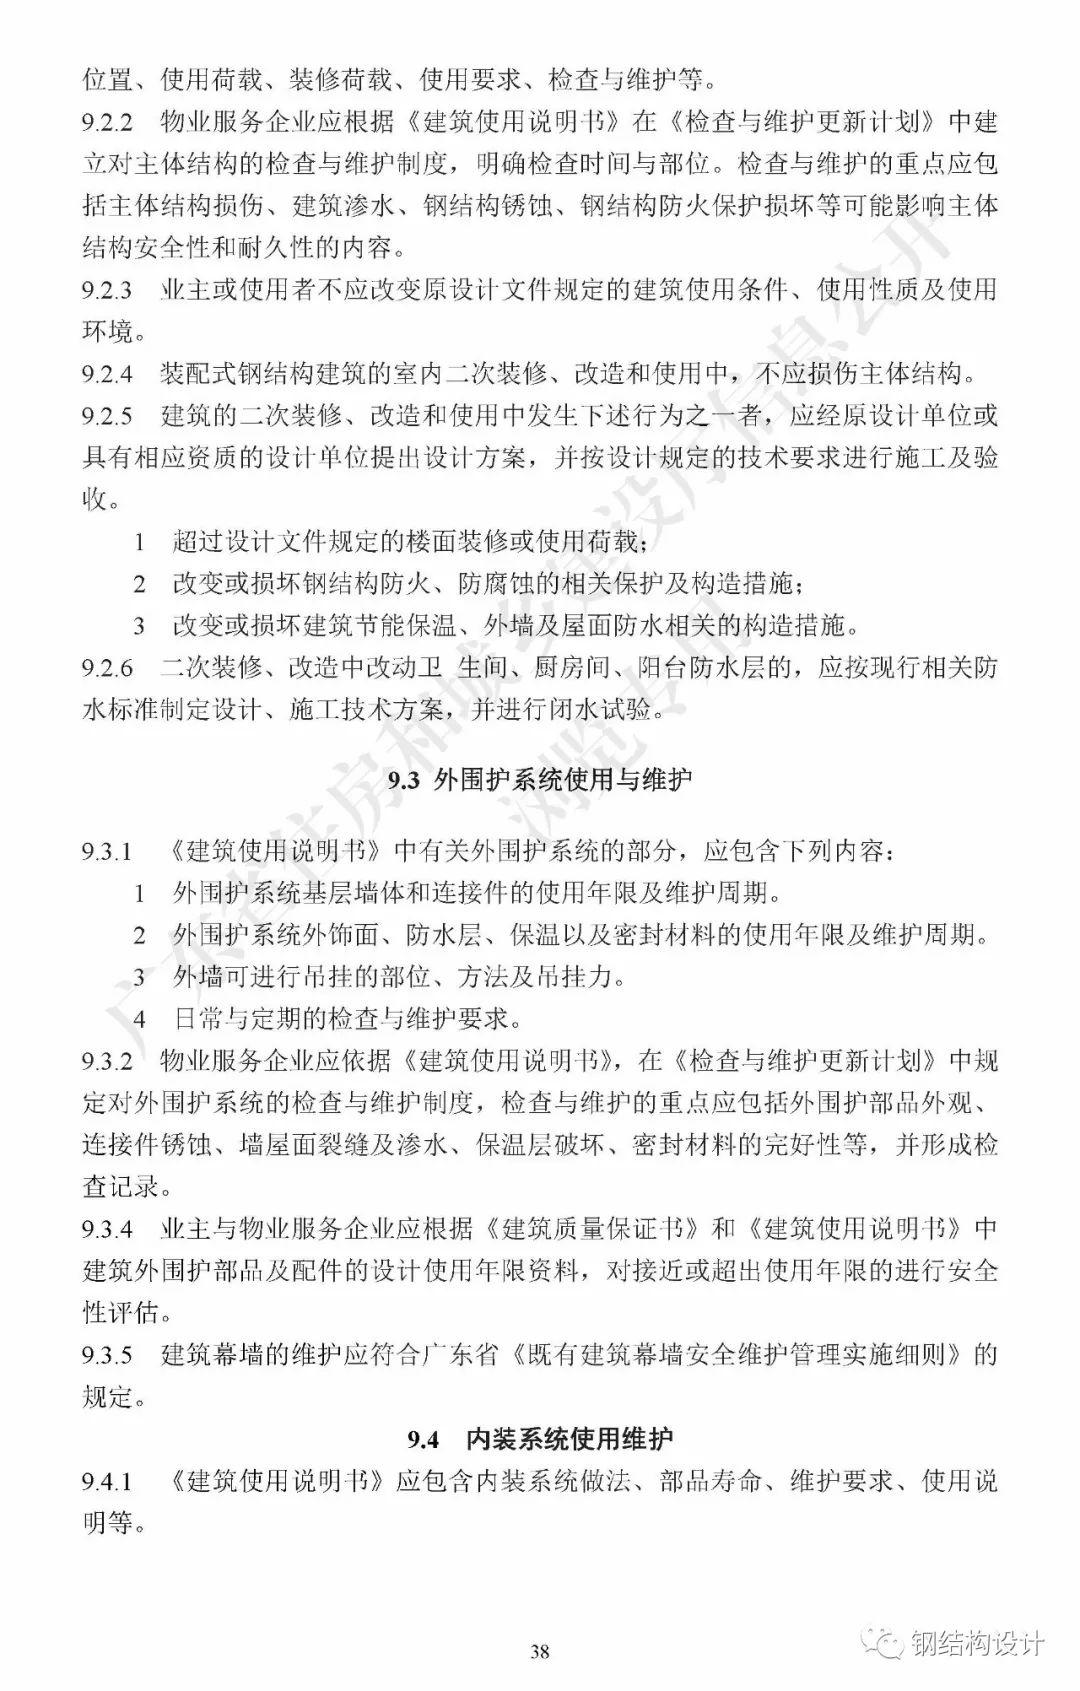 广东省《装配式钢结构建筑技术规程》发布_48